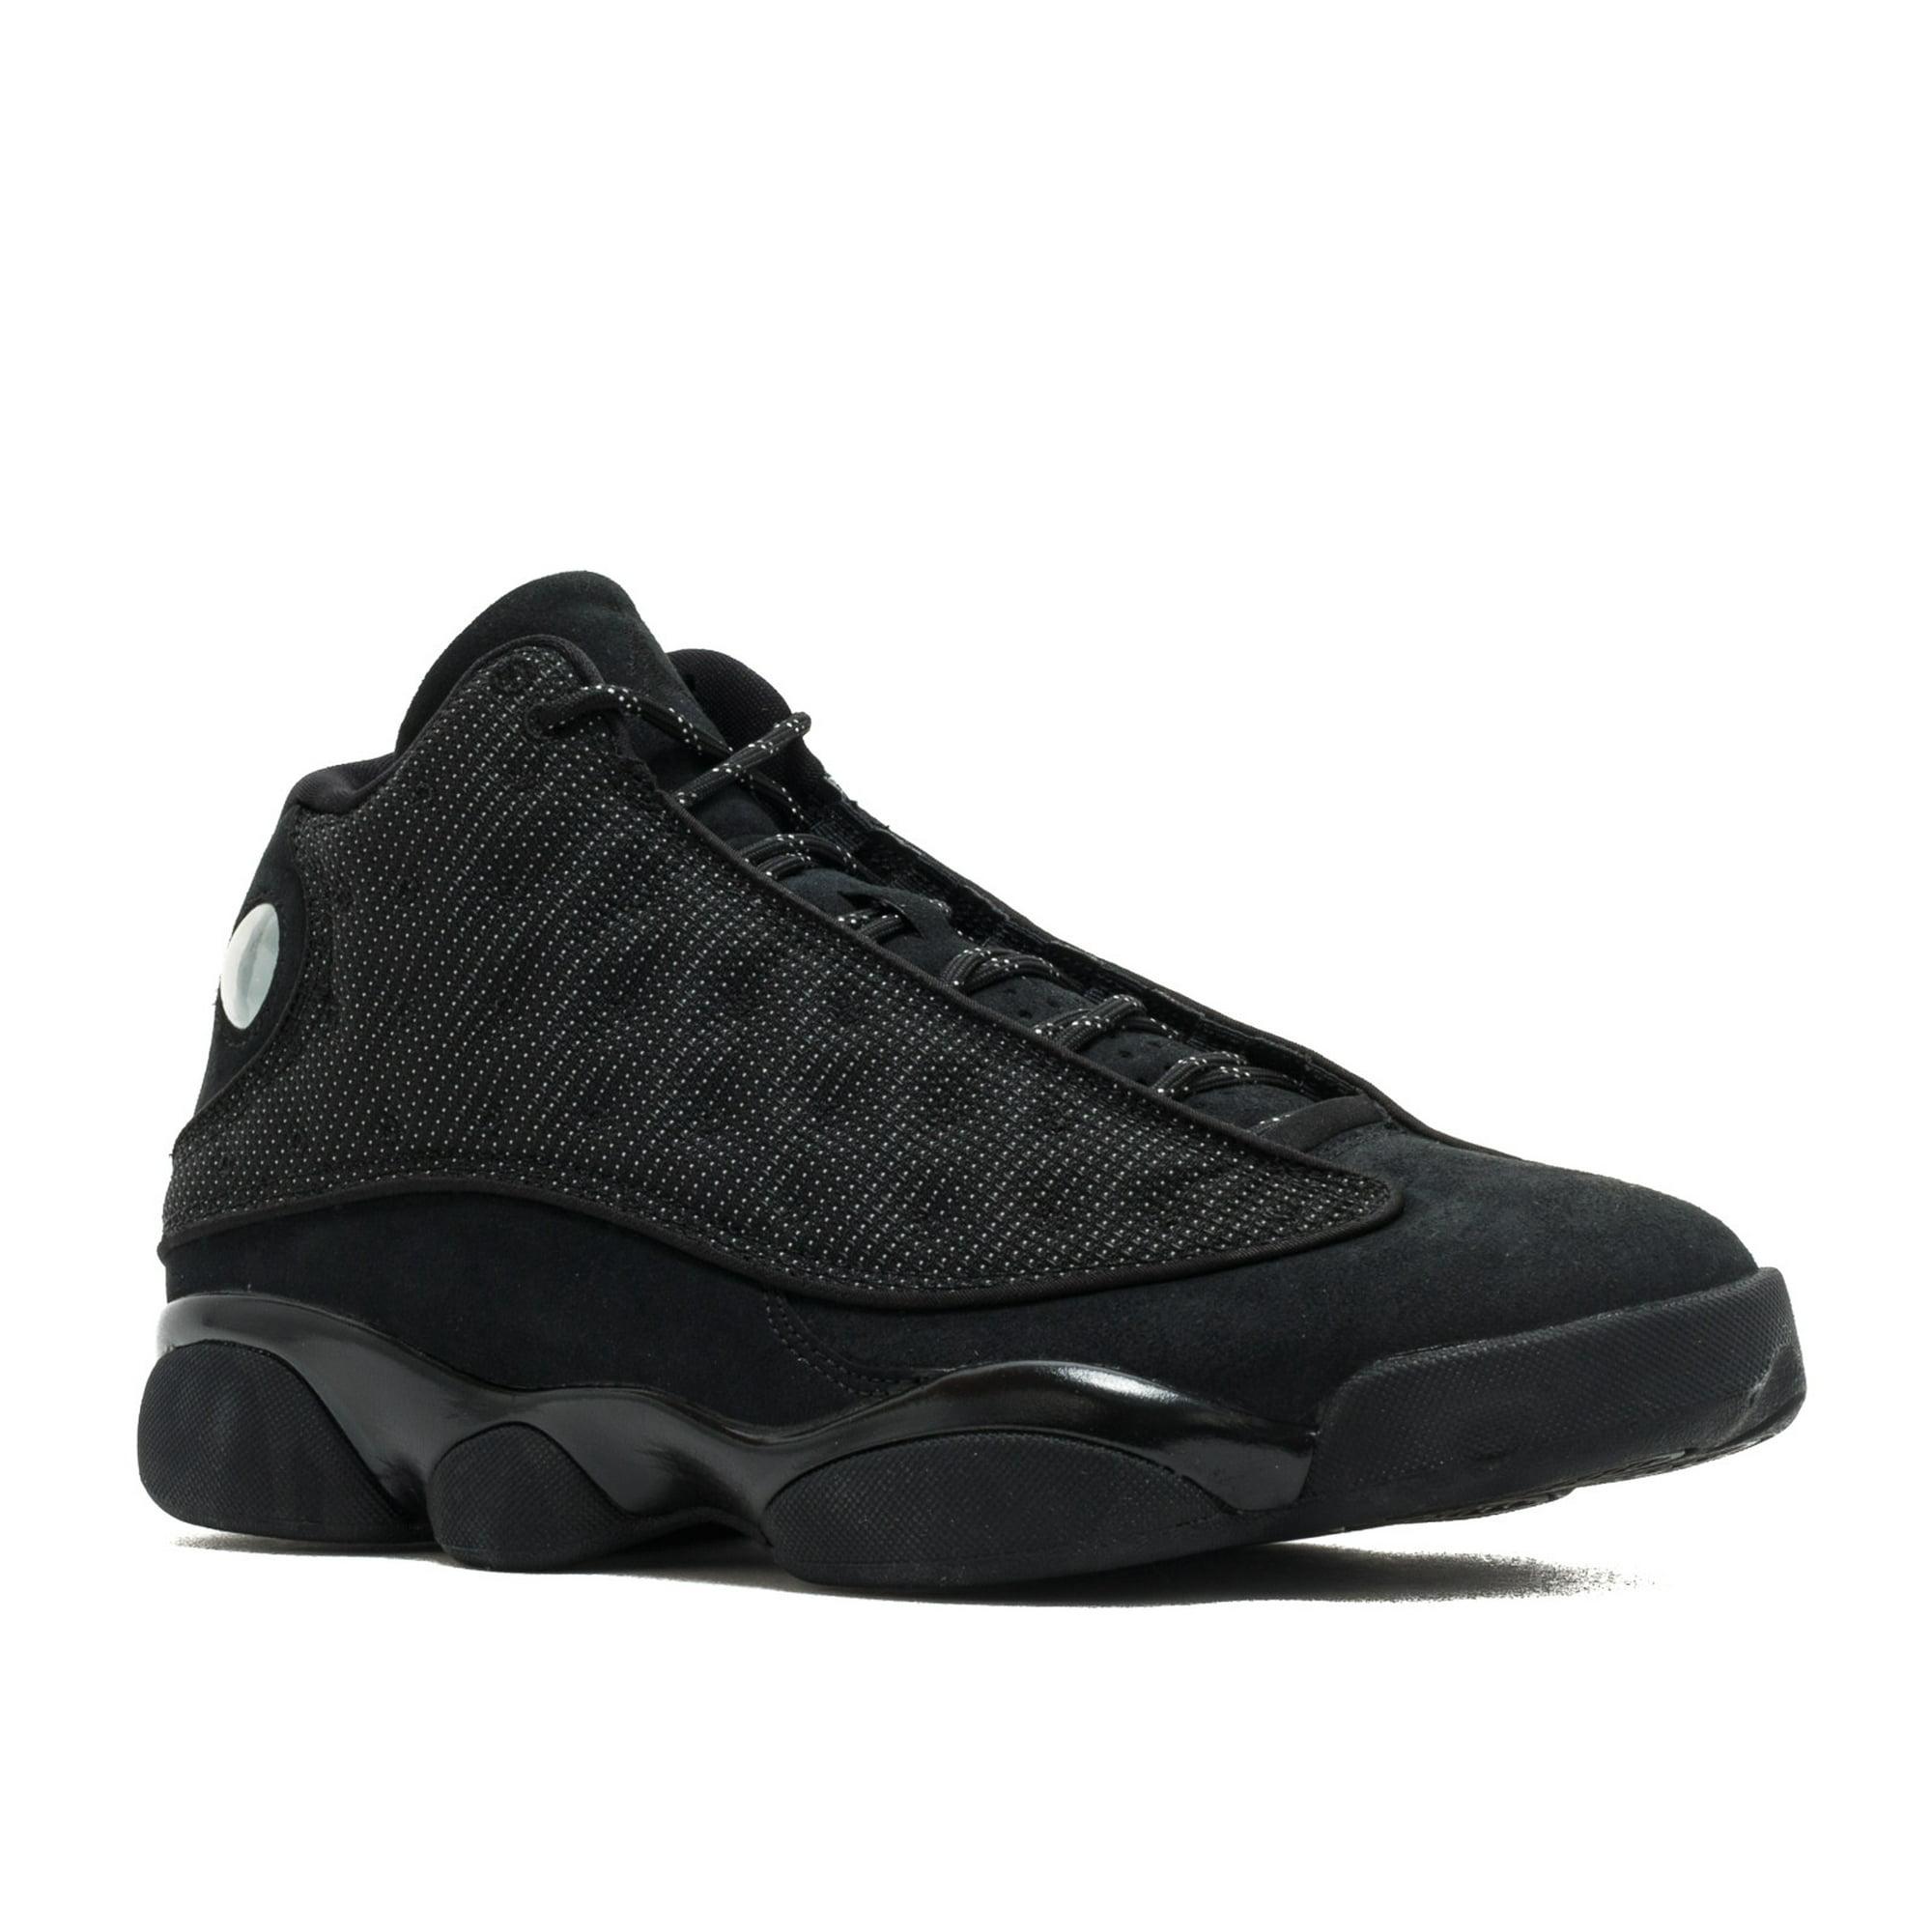 best buy good great prices Air Jordan - Men - Air Jordan 13 Retro 'Black Cat' - 414571-011 - Size 11